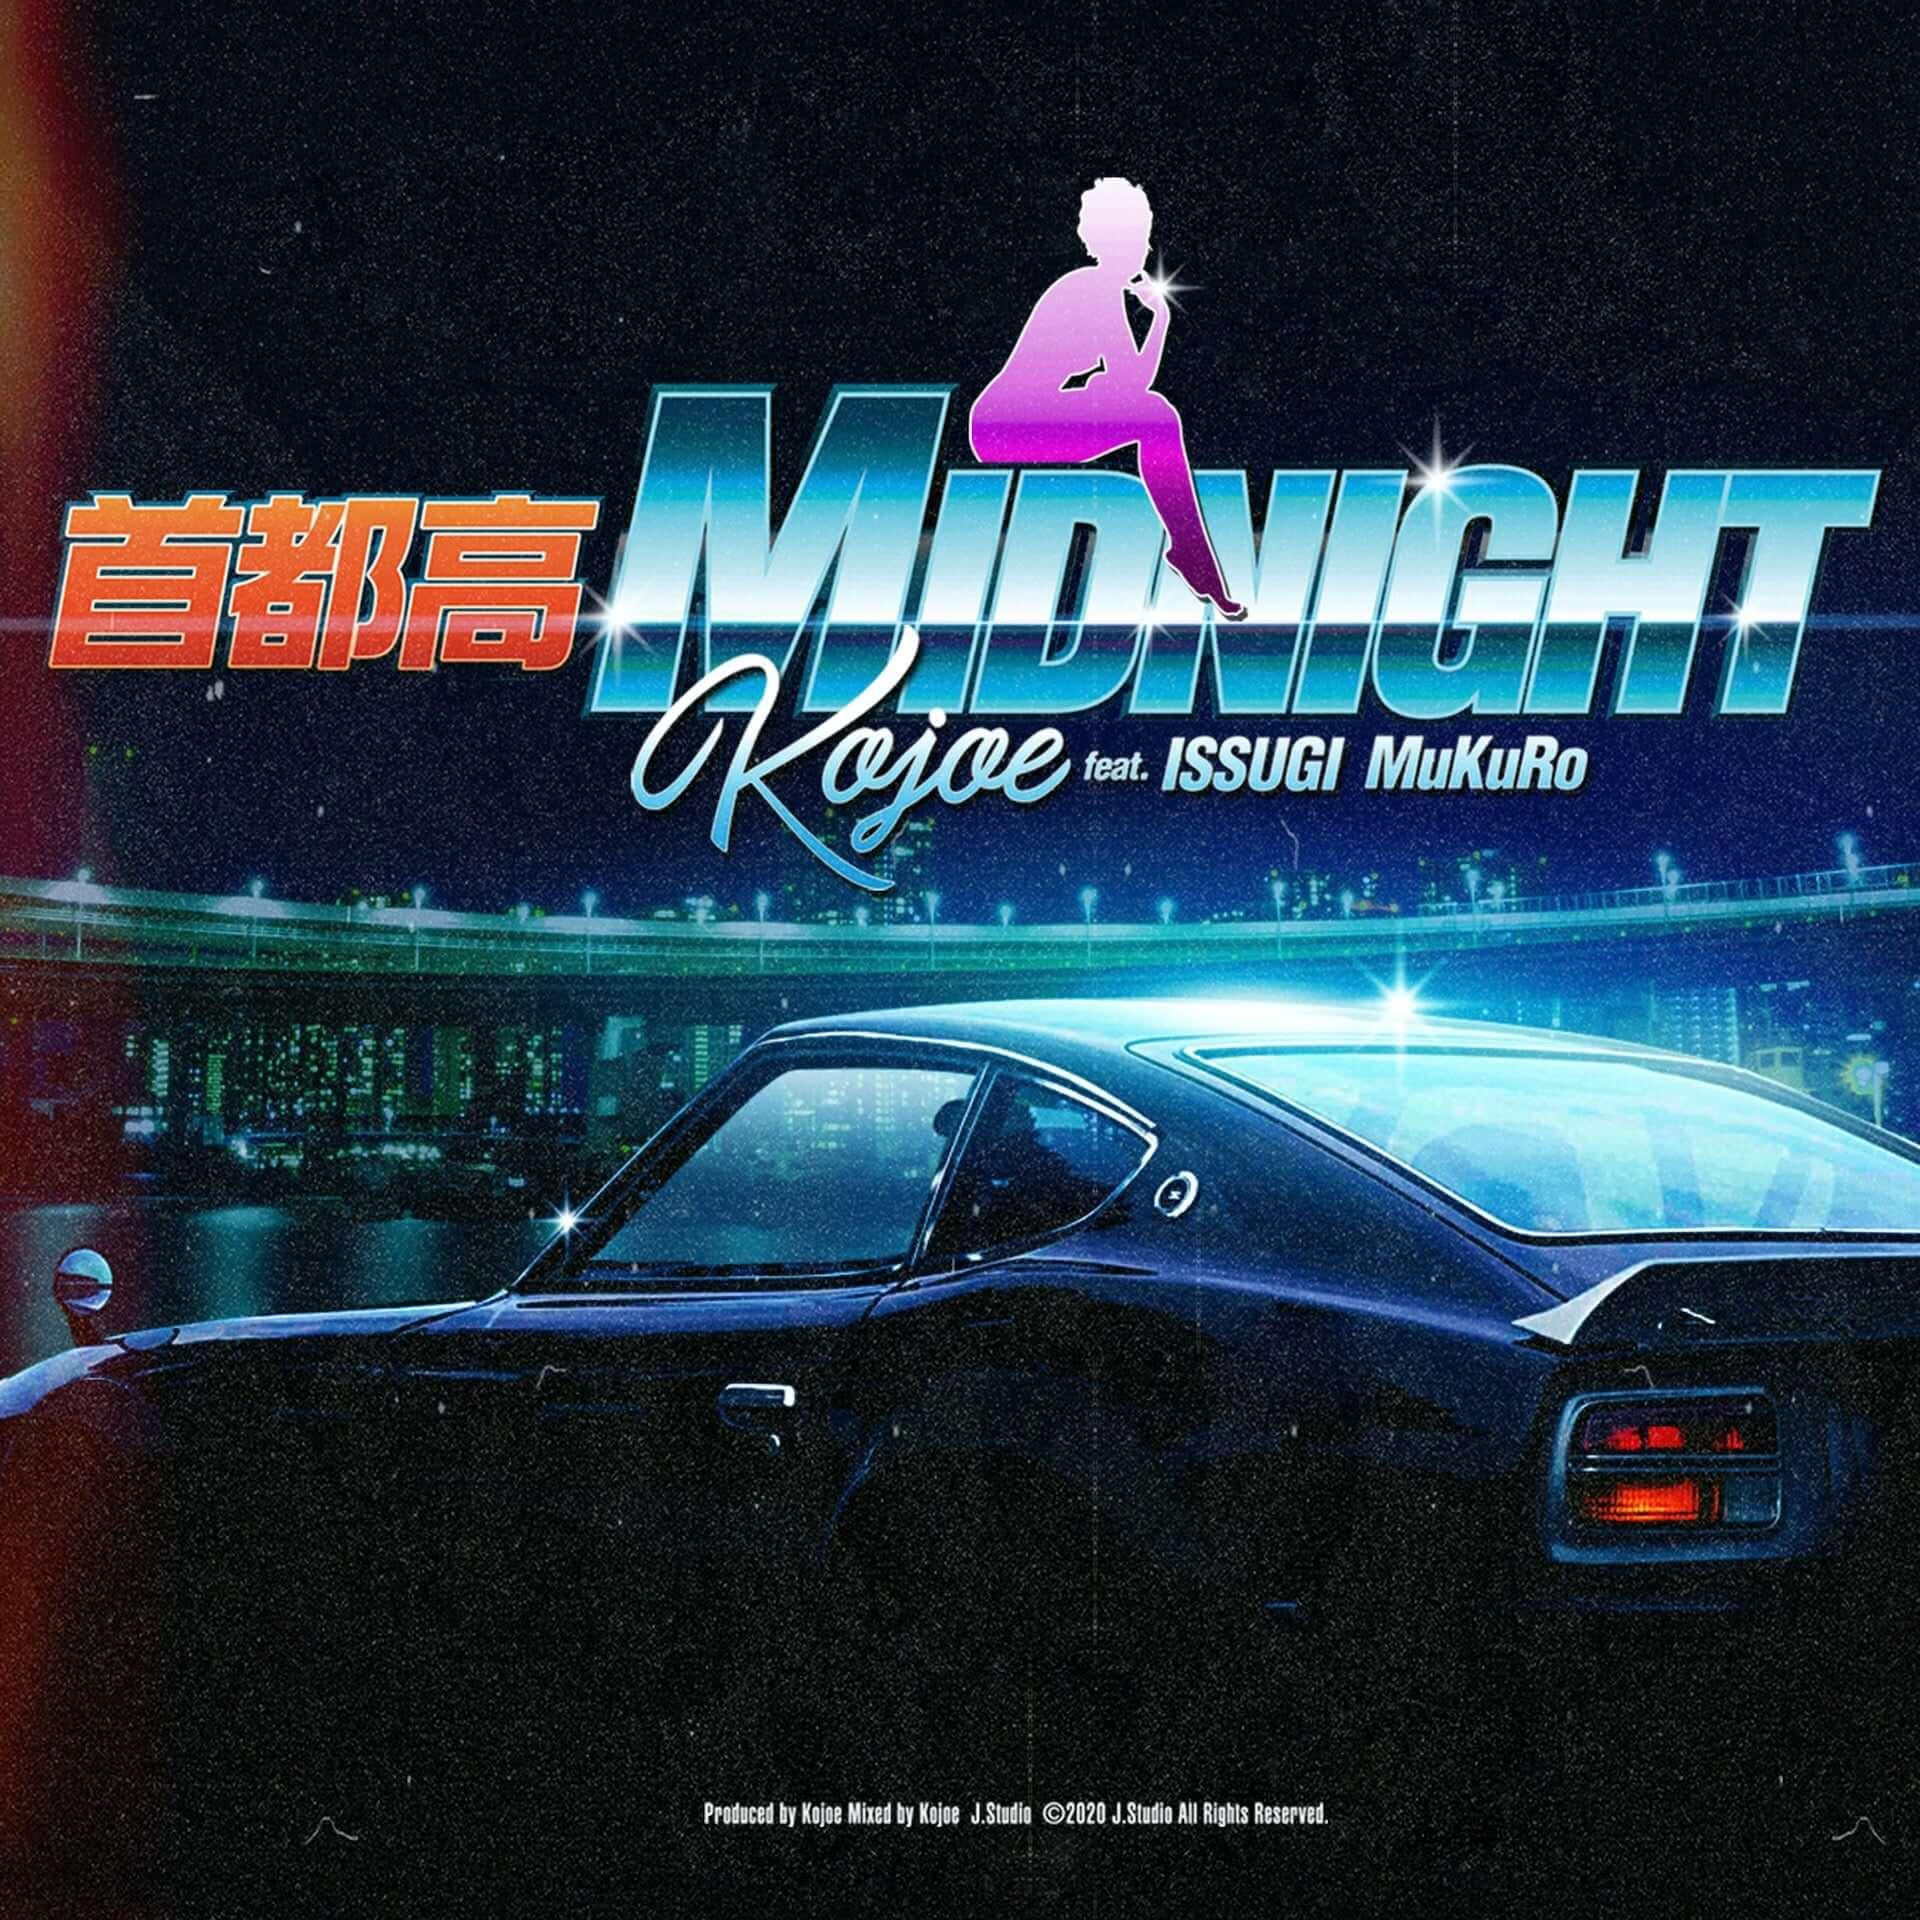 Kojoe流・首都高アンセム誕生!ISSUGIとMuKuRoをフィーチャーした新曲「首都高MIDNIGHT」がリリース music200327_kojoe_release_2-1920x1920